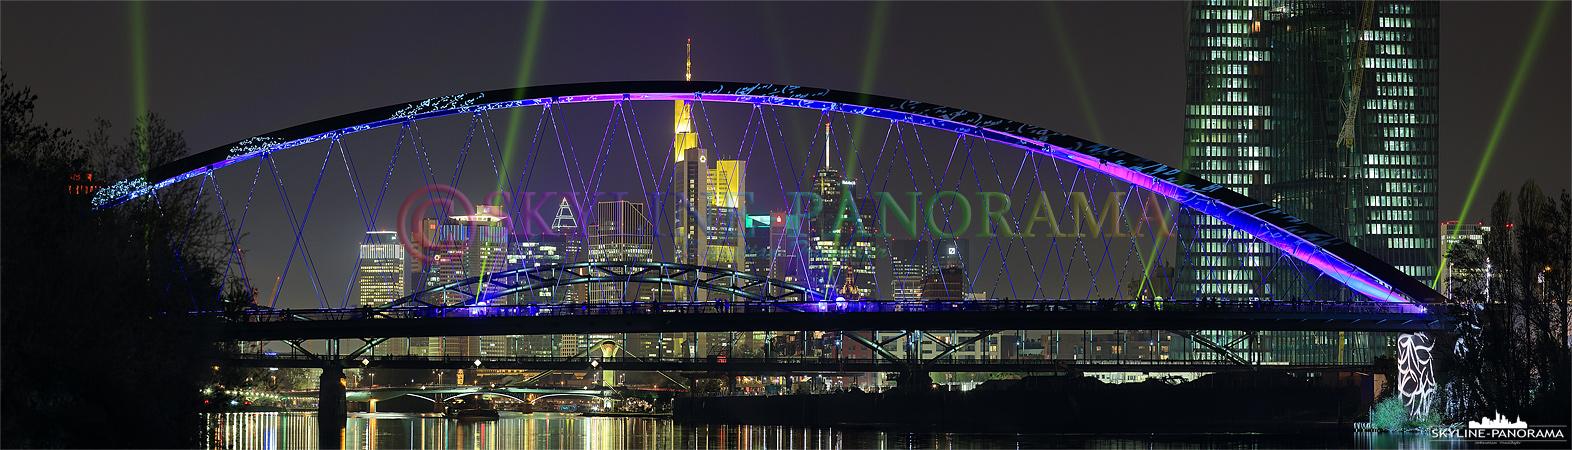 Panorama Bilder - Eines der beliebtesten Motive der Luminale 2014 war die fanastisch iluminierte Osthafenbrücke, dieses Panorama zeigt die Perspektive vom Ruderdorf in Richtung Frankfurter Skyline.